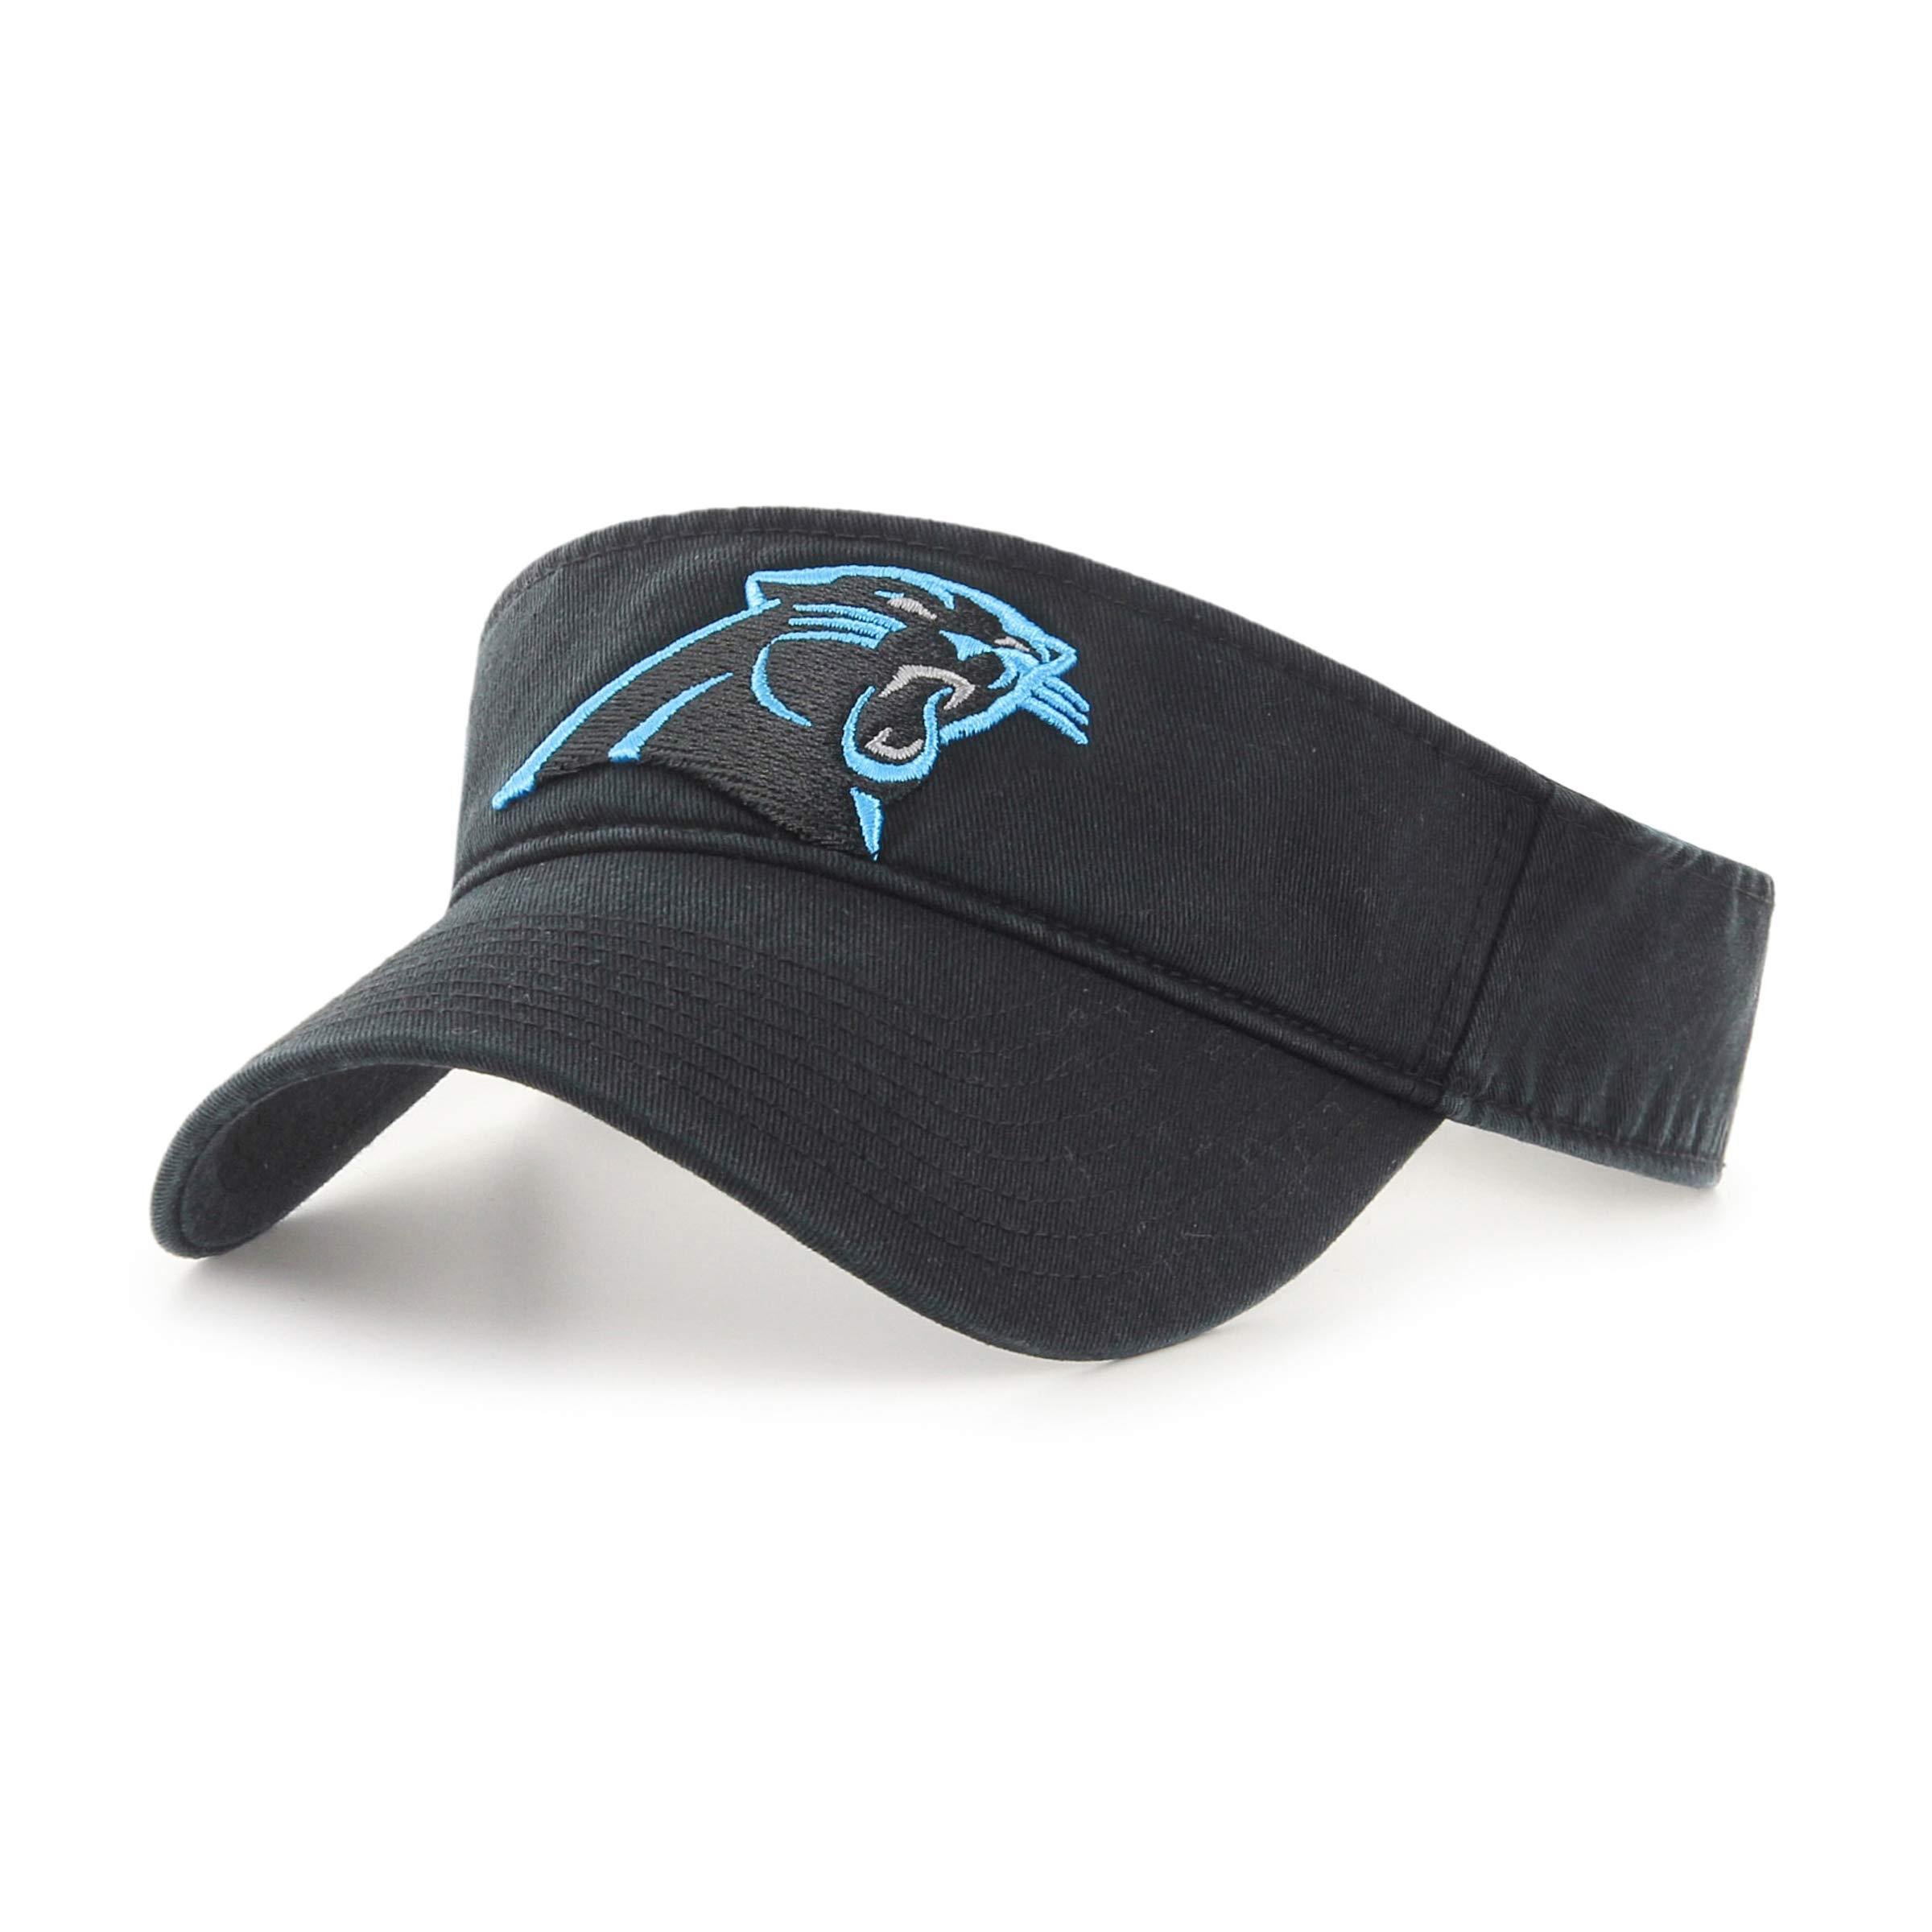 OTS NFL Carolina Pantshers Male Visor, Black, One Size